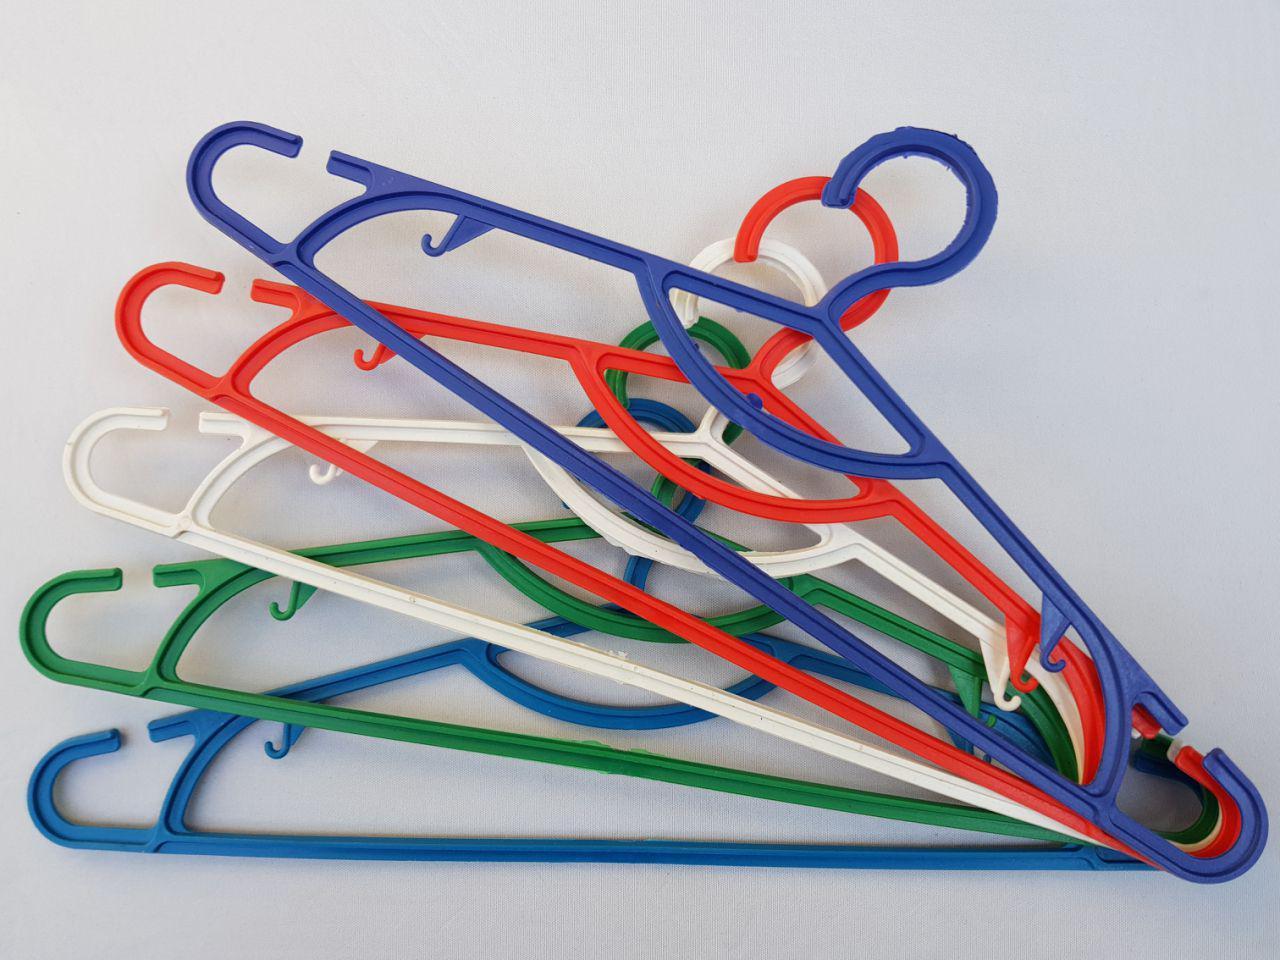 Плечики вешалки пластмассовые ПЭТ разные цвета, 41,5 см,10 штук в упаковке одного цвета